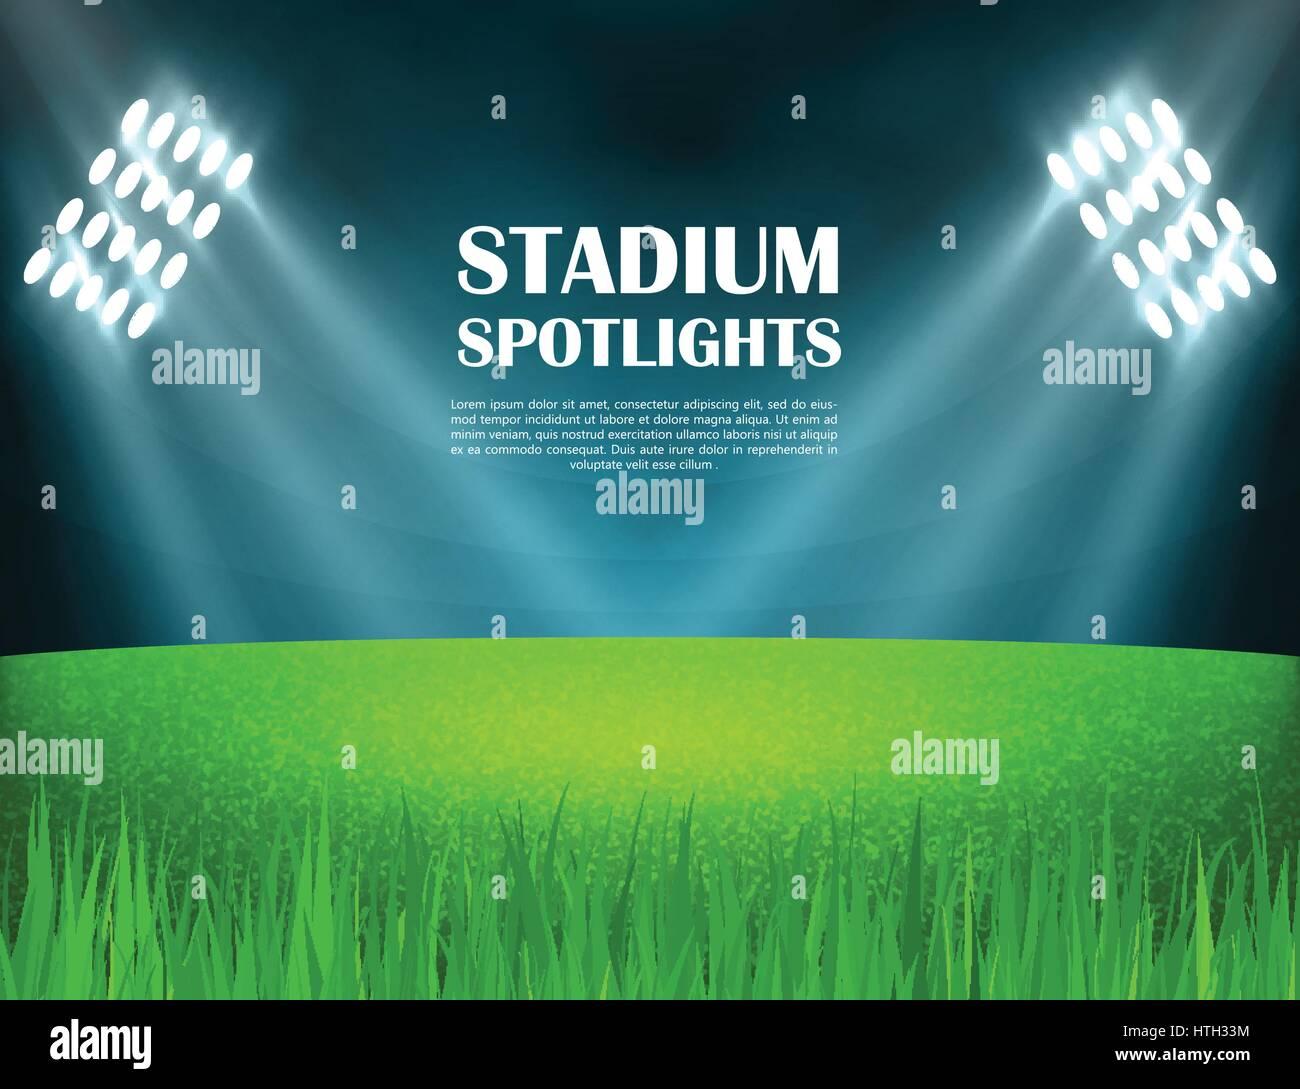 Stadium spotlights concept - Stock Vector